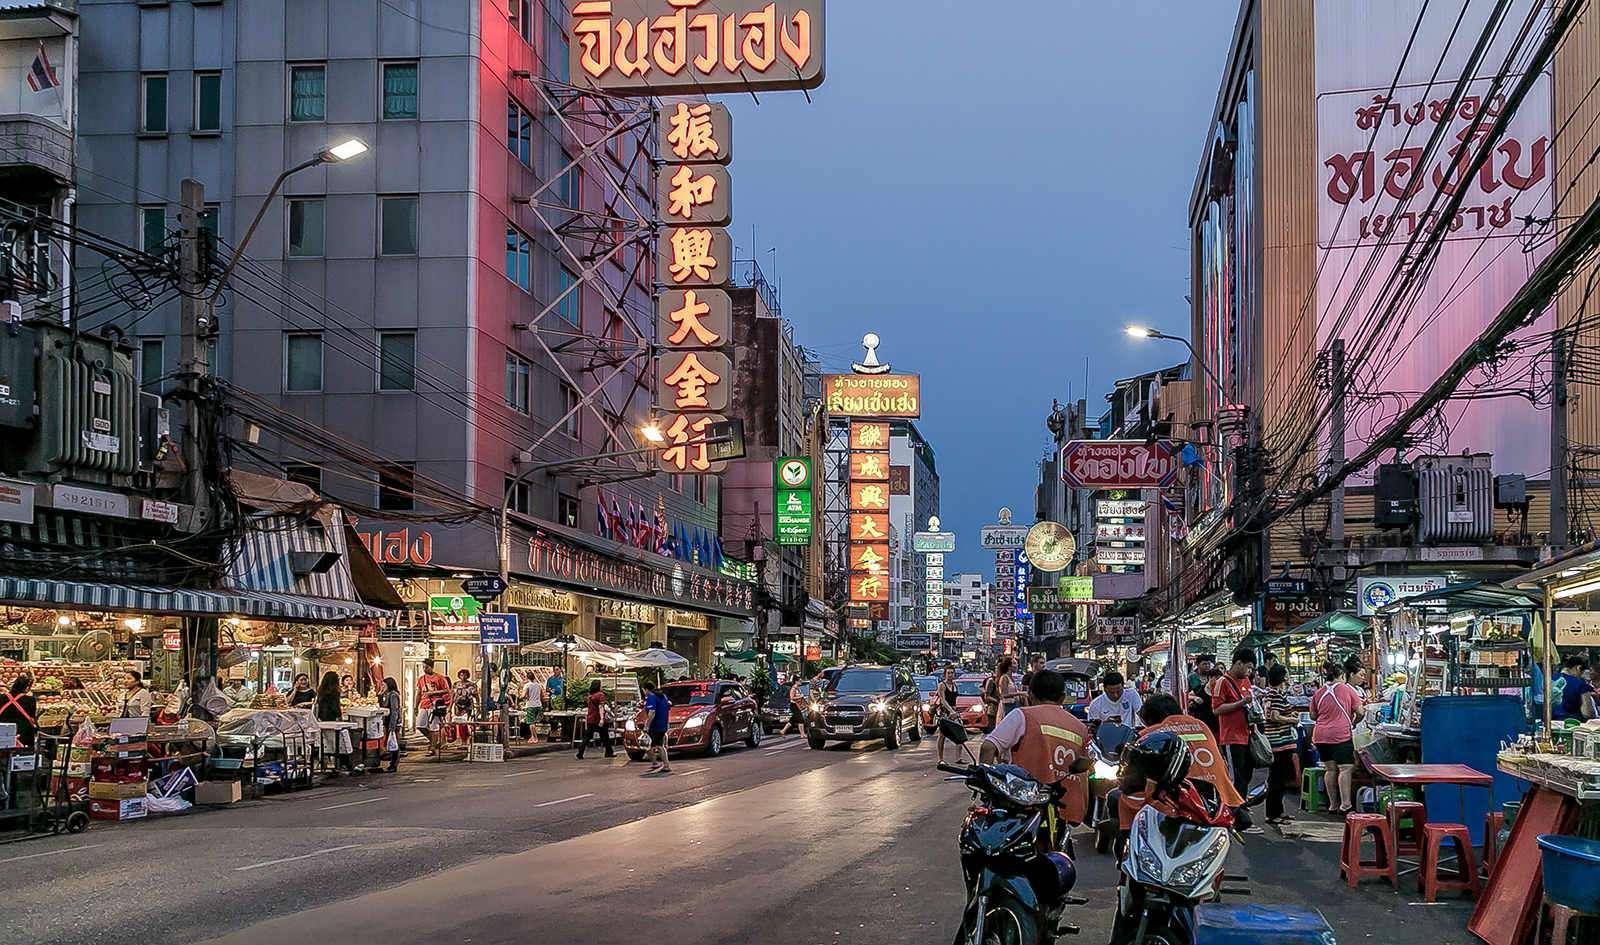 Chinatown, Yaowarat Road night market in Bangkok.